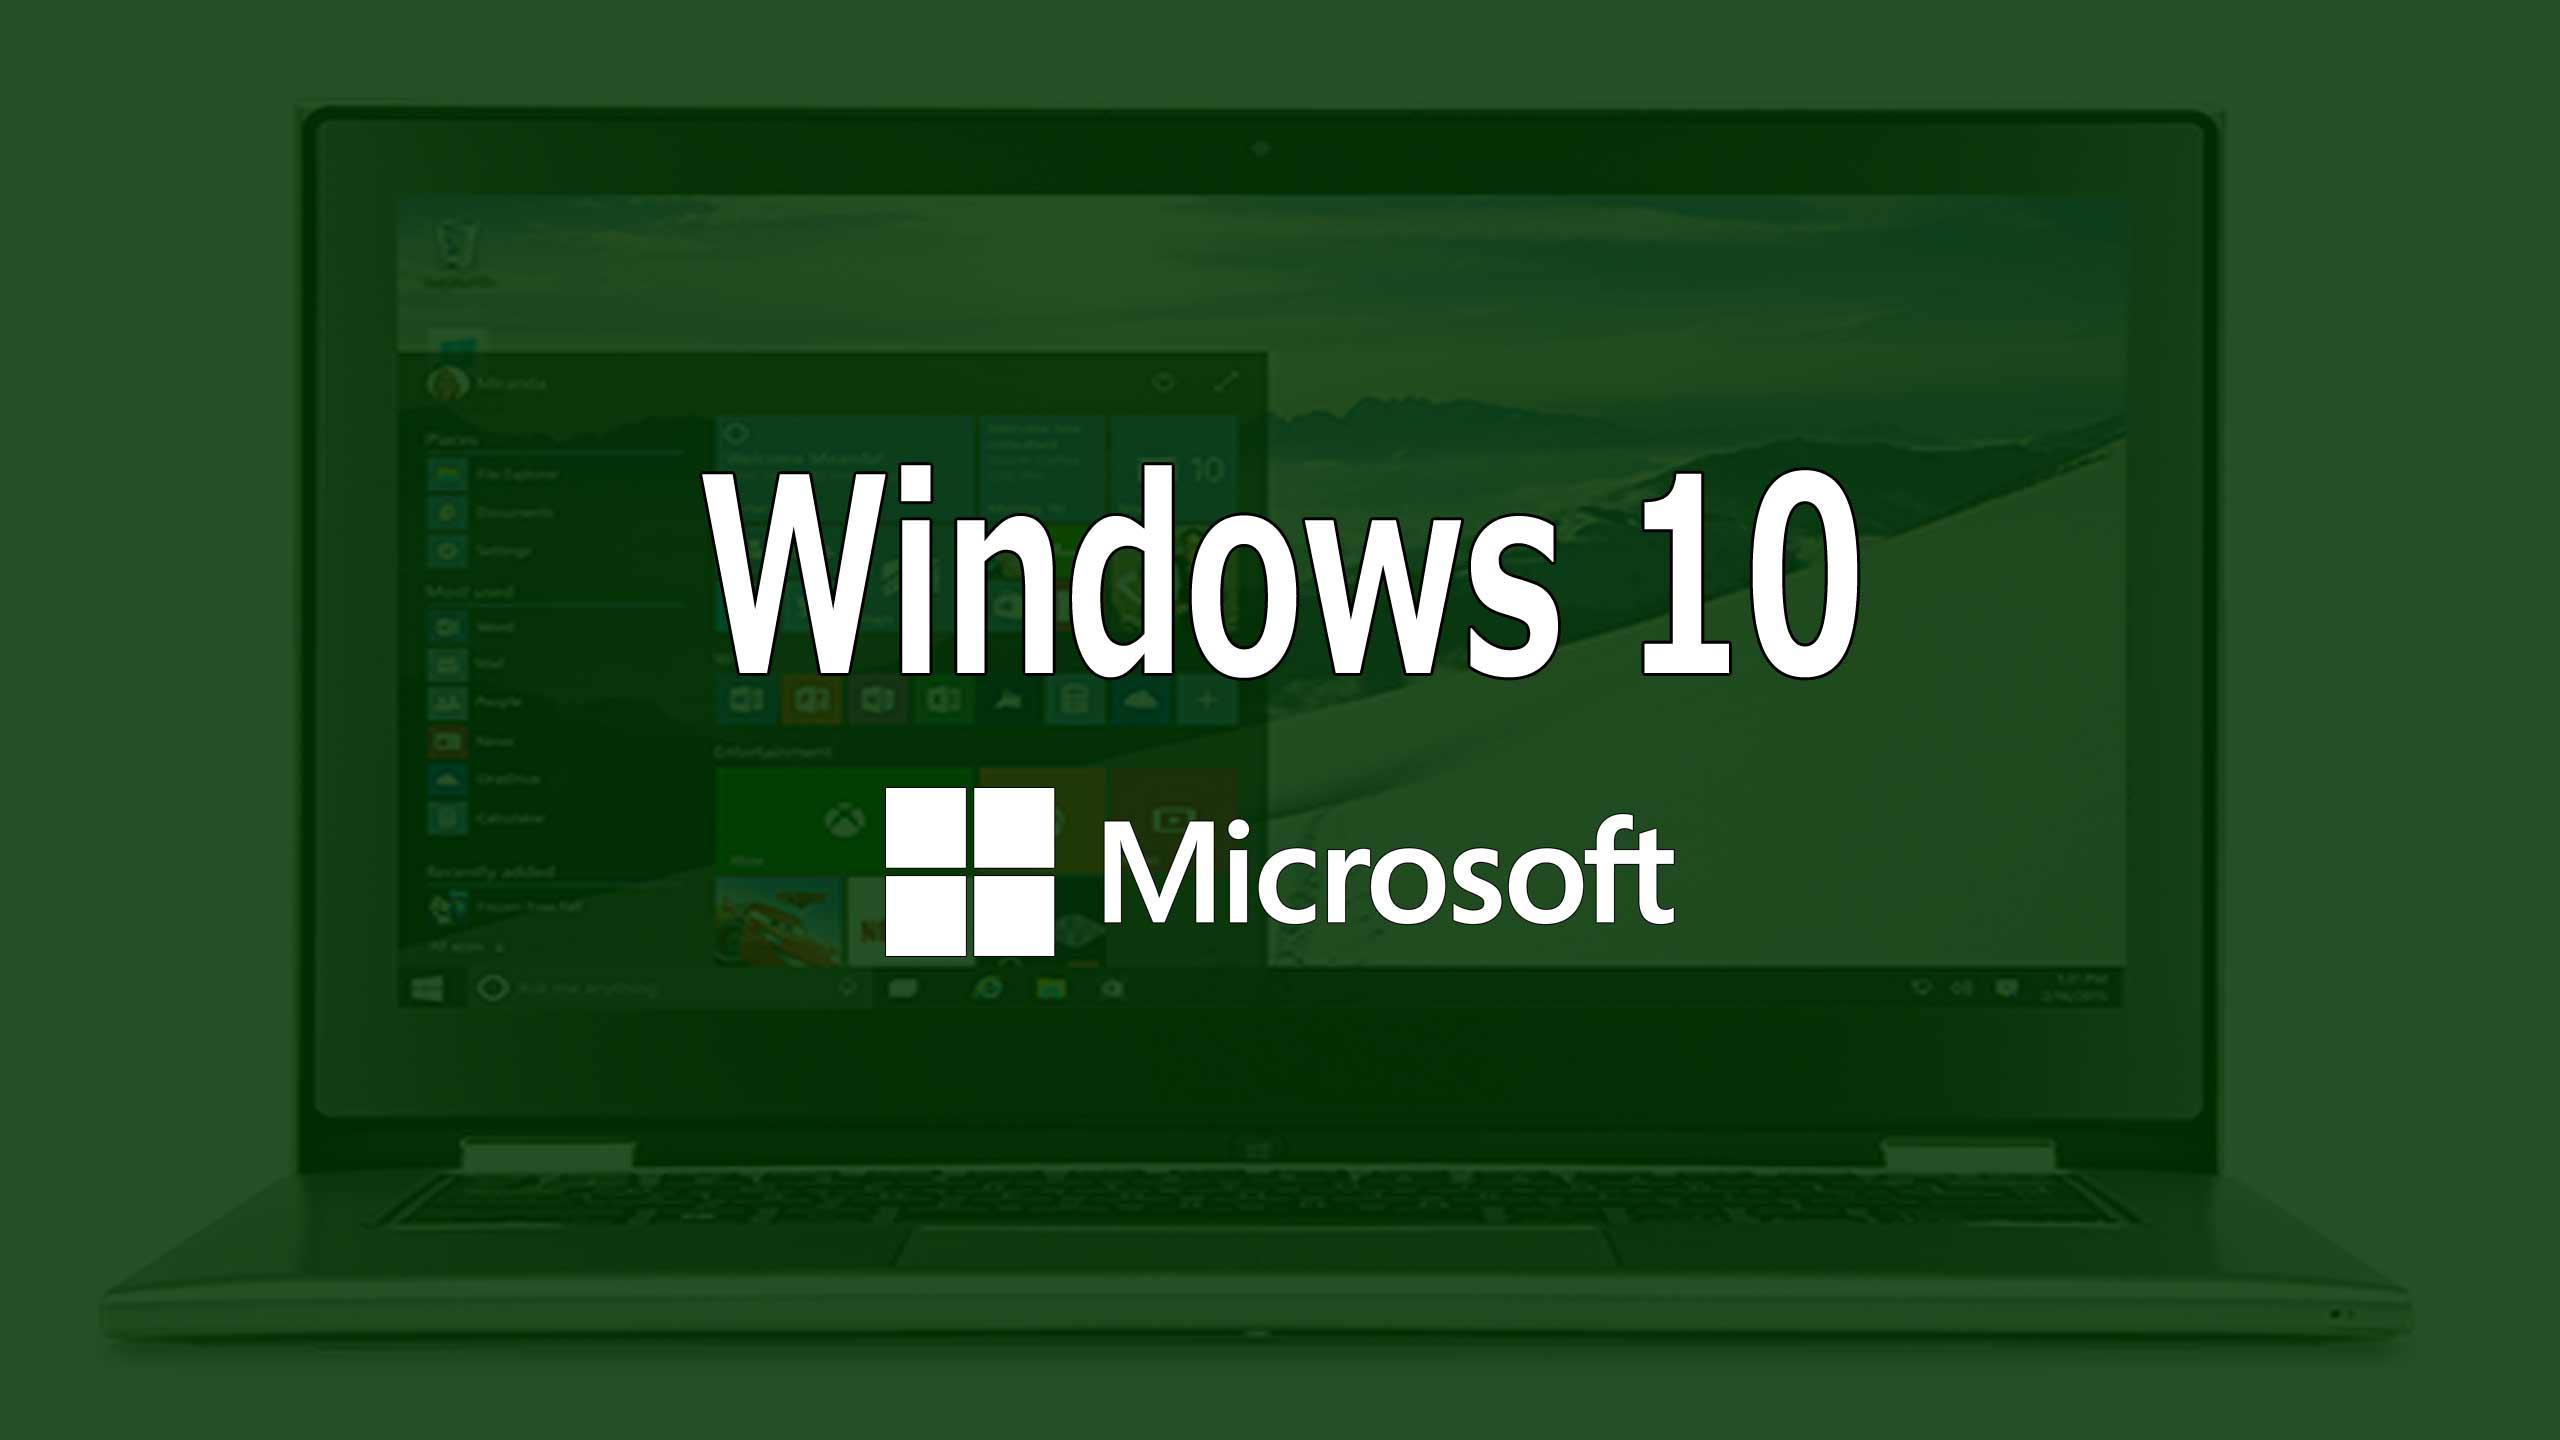 Problemi con l'installazione dell'ultimo Aggiornamento Cumulativo di Windows 10? Ecco come risolvere